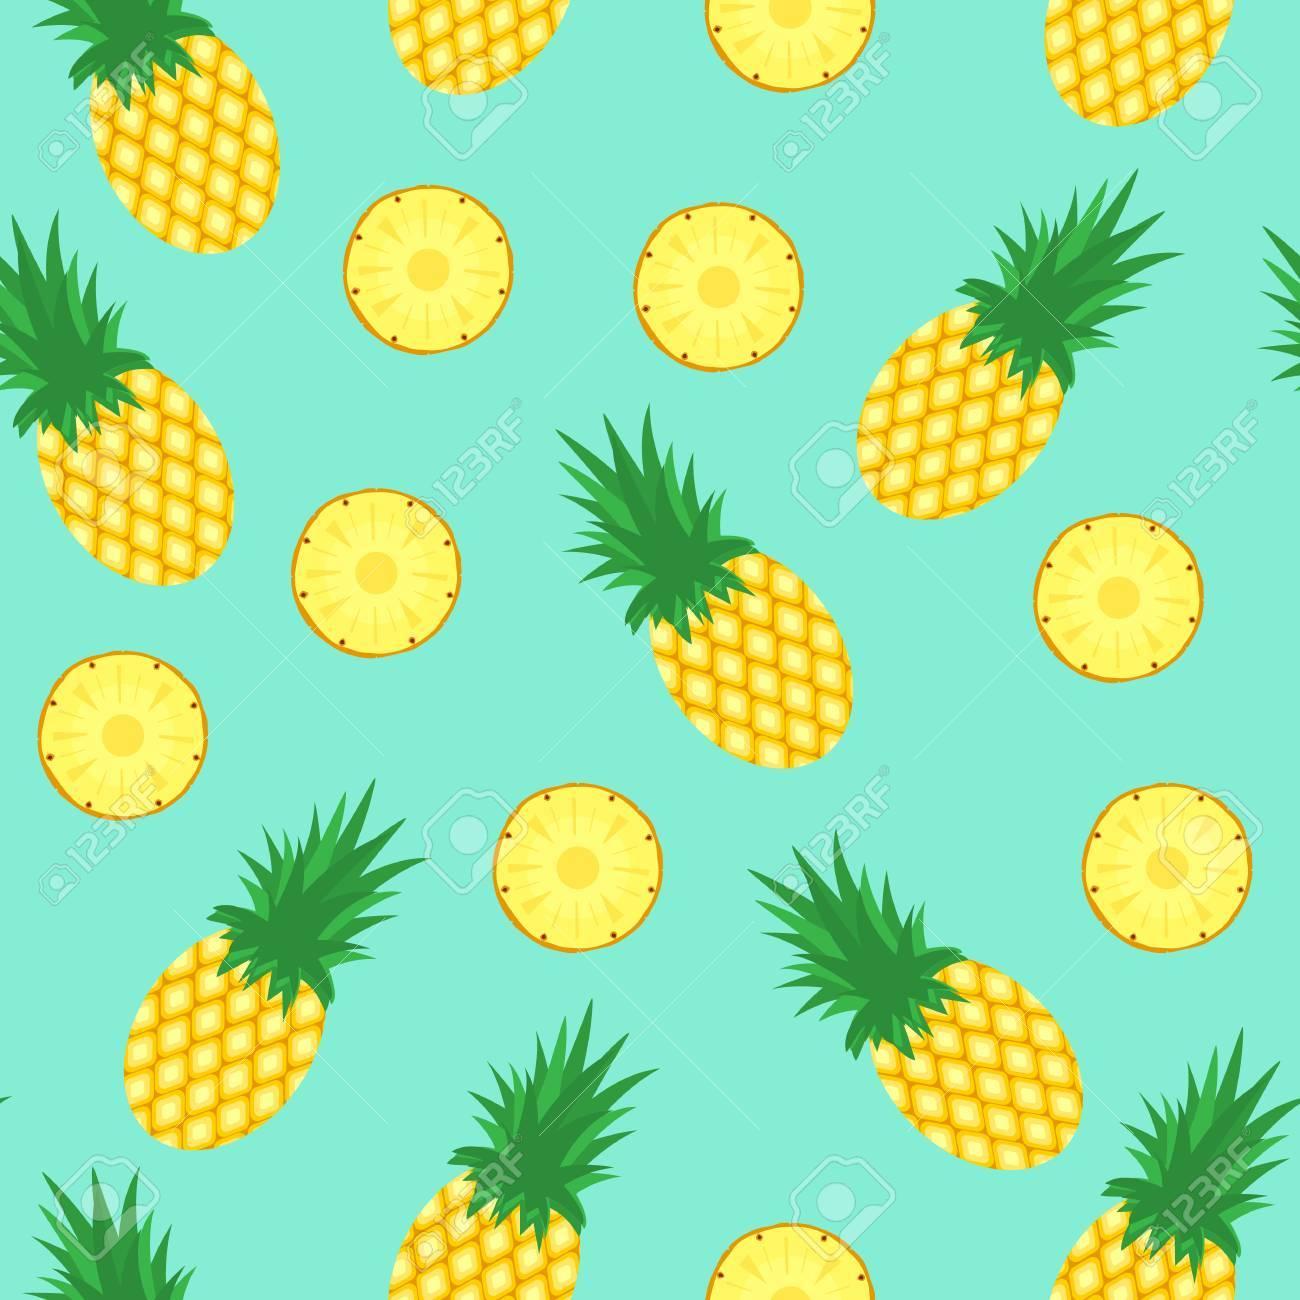 BVWSBGF Blickdichte Vorh/änge mit /Ösen Obst Ananas Muster Thermo gardine Verdunkelungsvorh/änge f/ür Schlafzimmer Lichtundurchl/ässige Ger/äuschreduzierung 2 St/ück 70x160cm